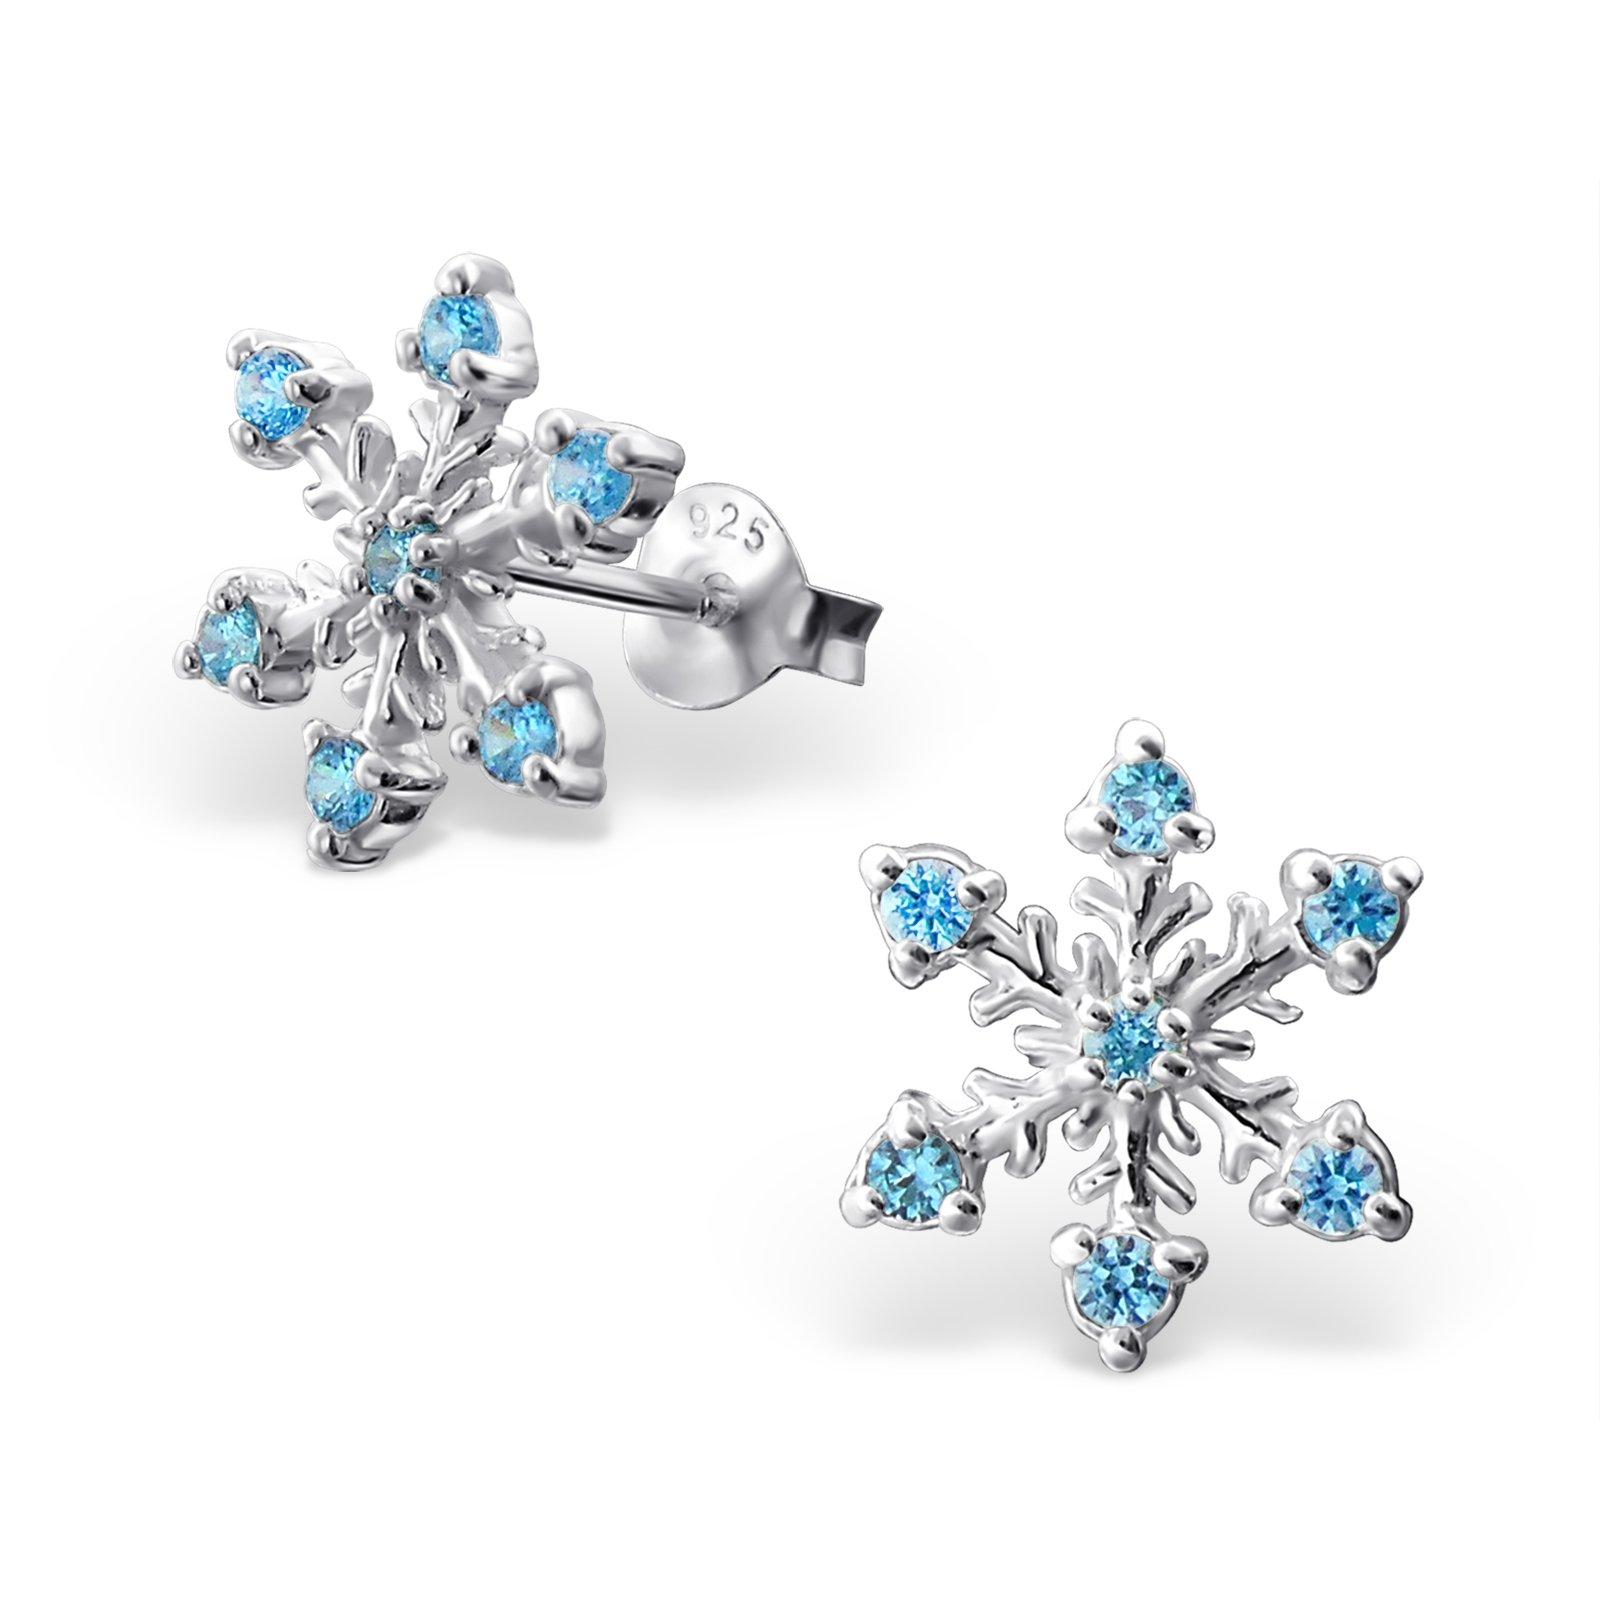 Atik Jewelry Silver Snowflake Ear Studs With Cubic Zirconia - CZ Aqua